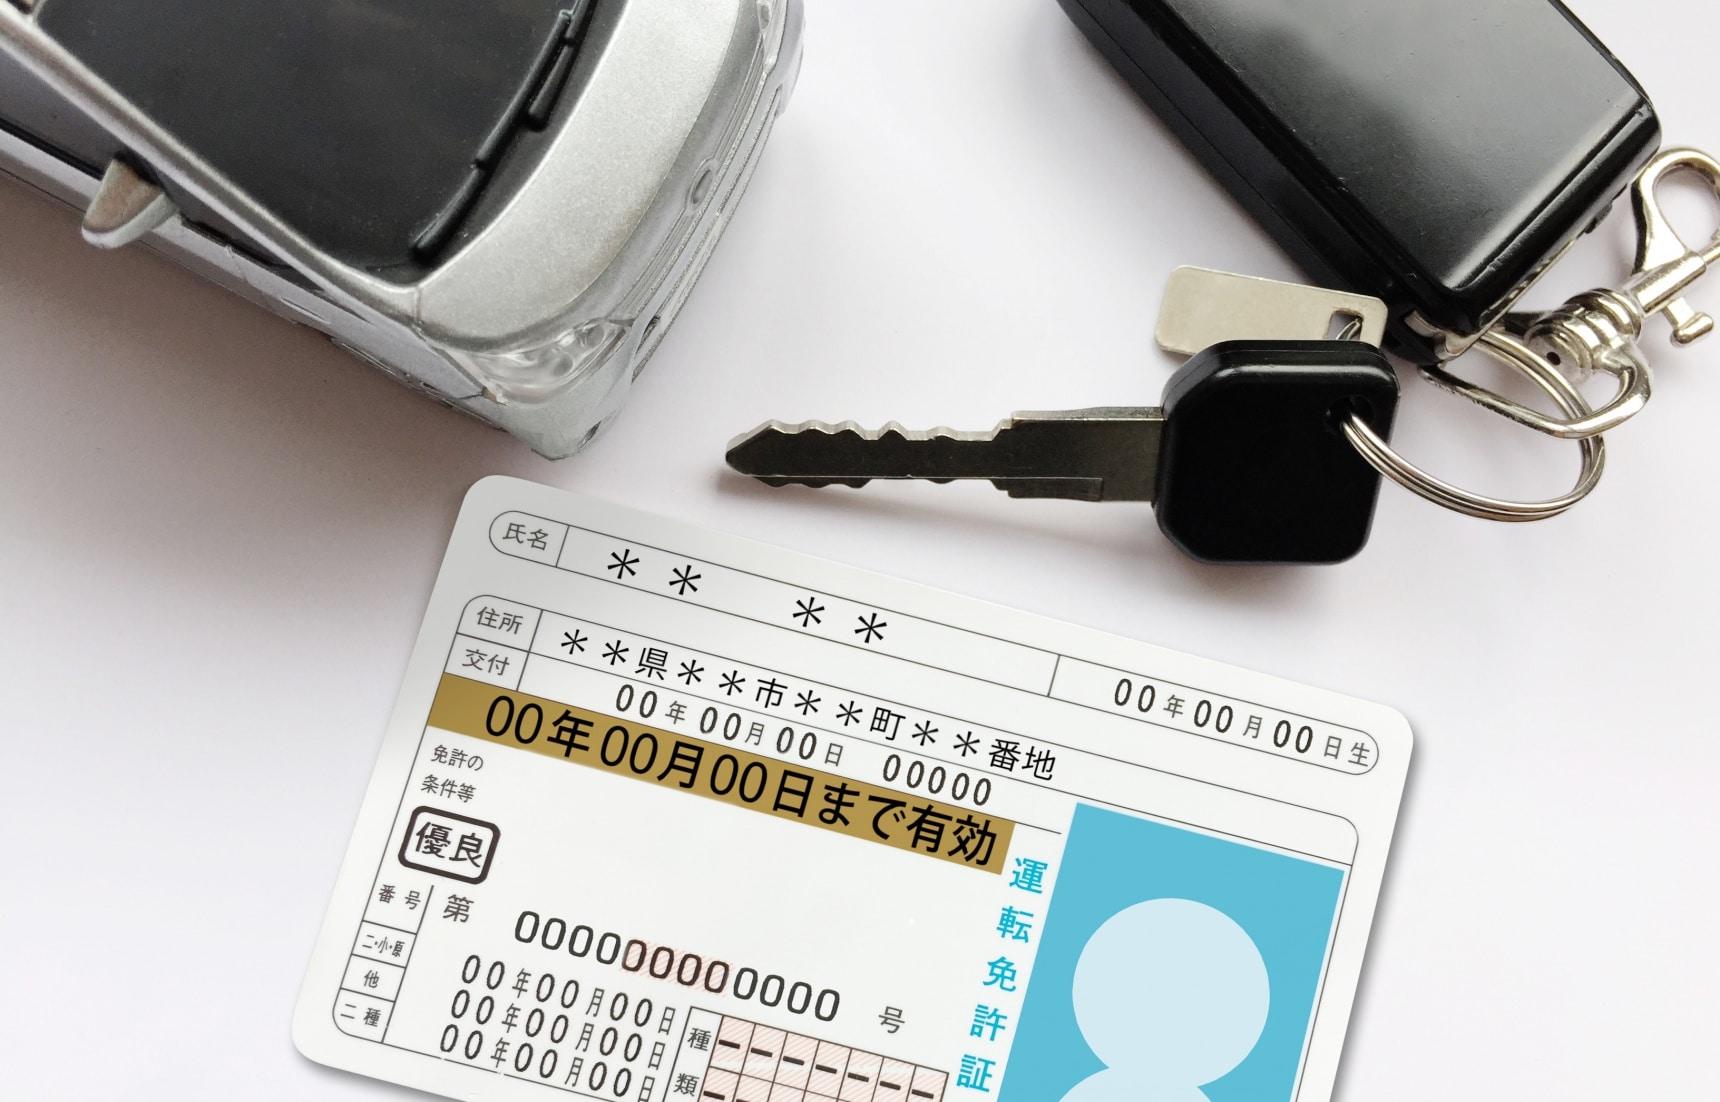 经验分享:如何把中国驾照换成日本驾照?(东京考场篇)